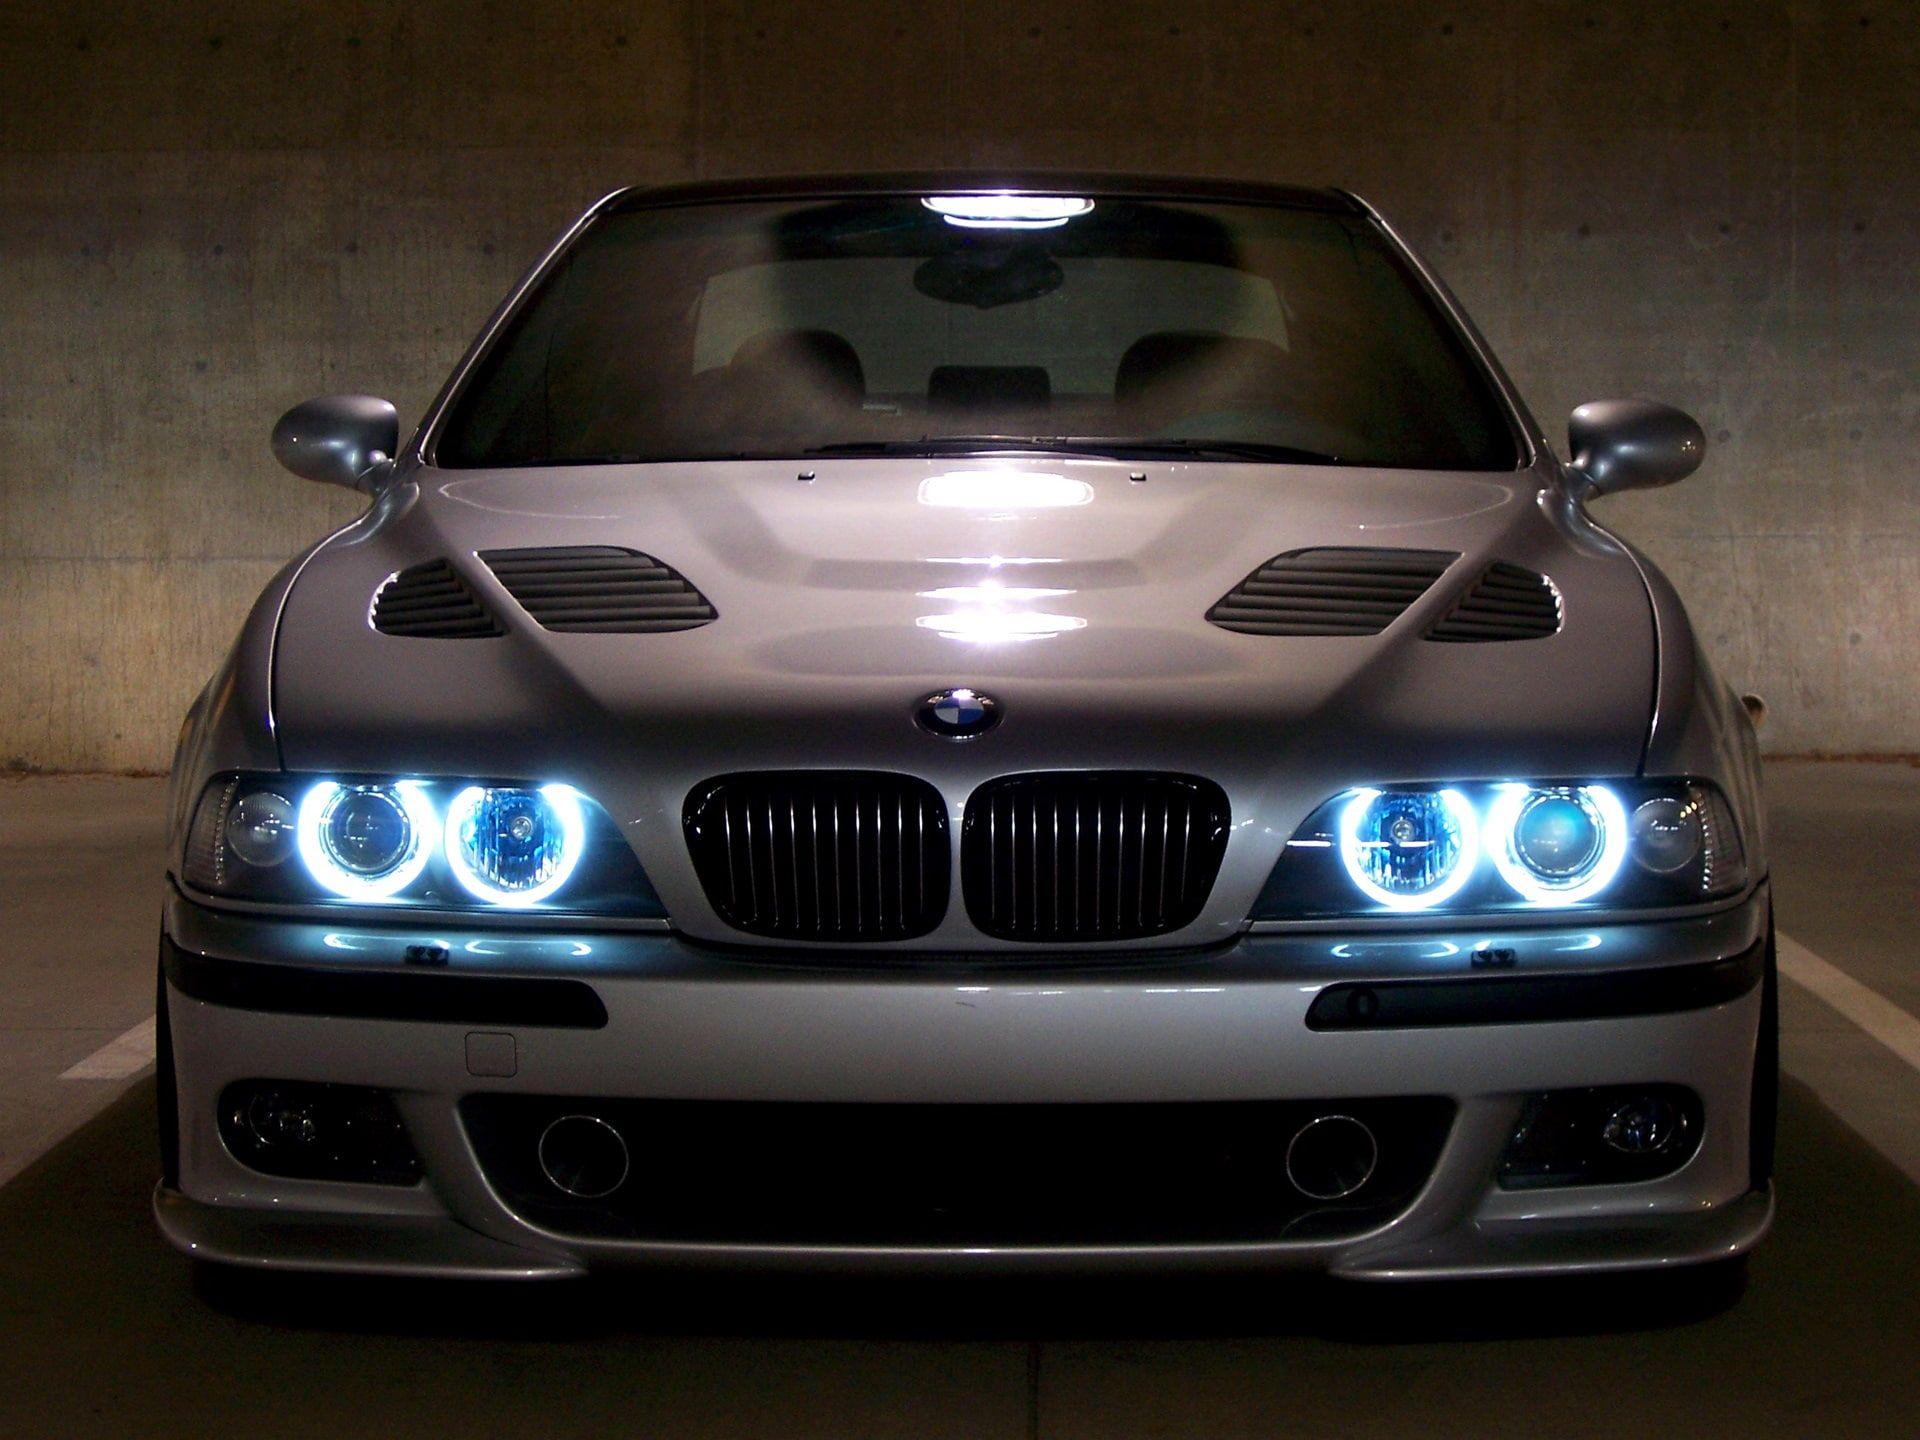 Bmw E39 M5 Blue Angel Eyes Bmw Blue Angel Eyes 1080p